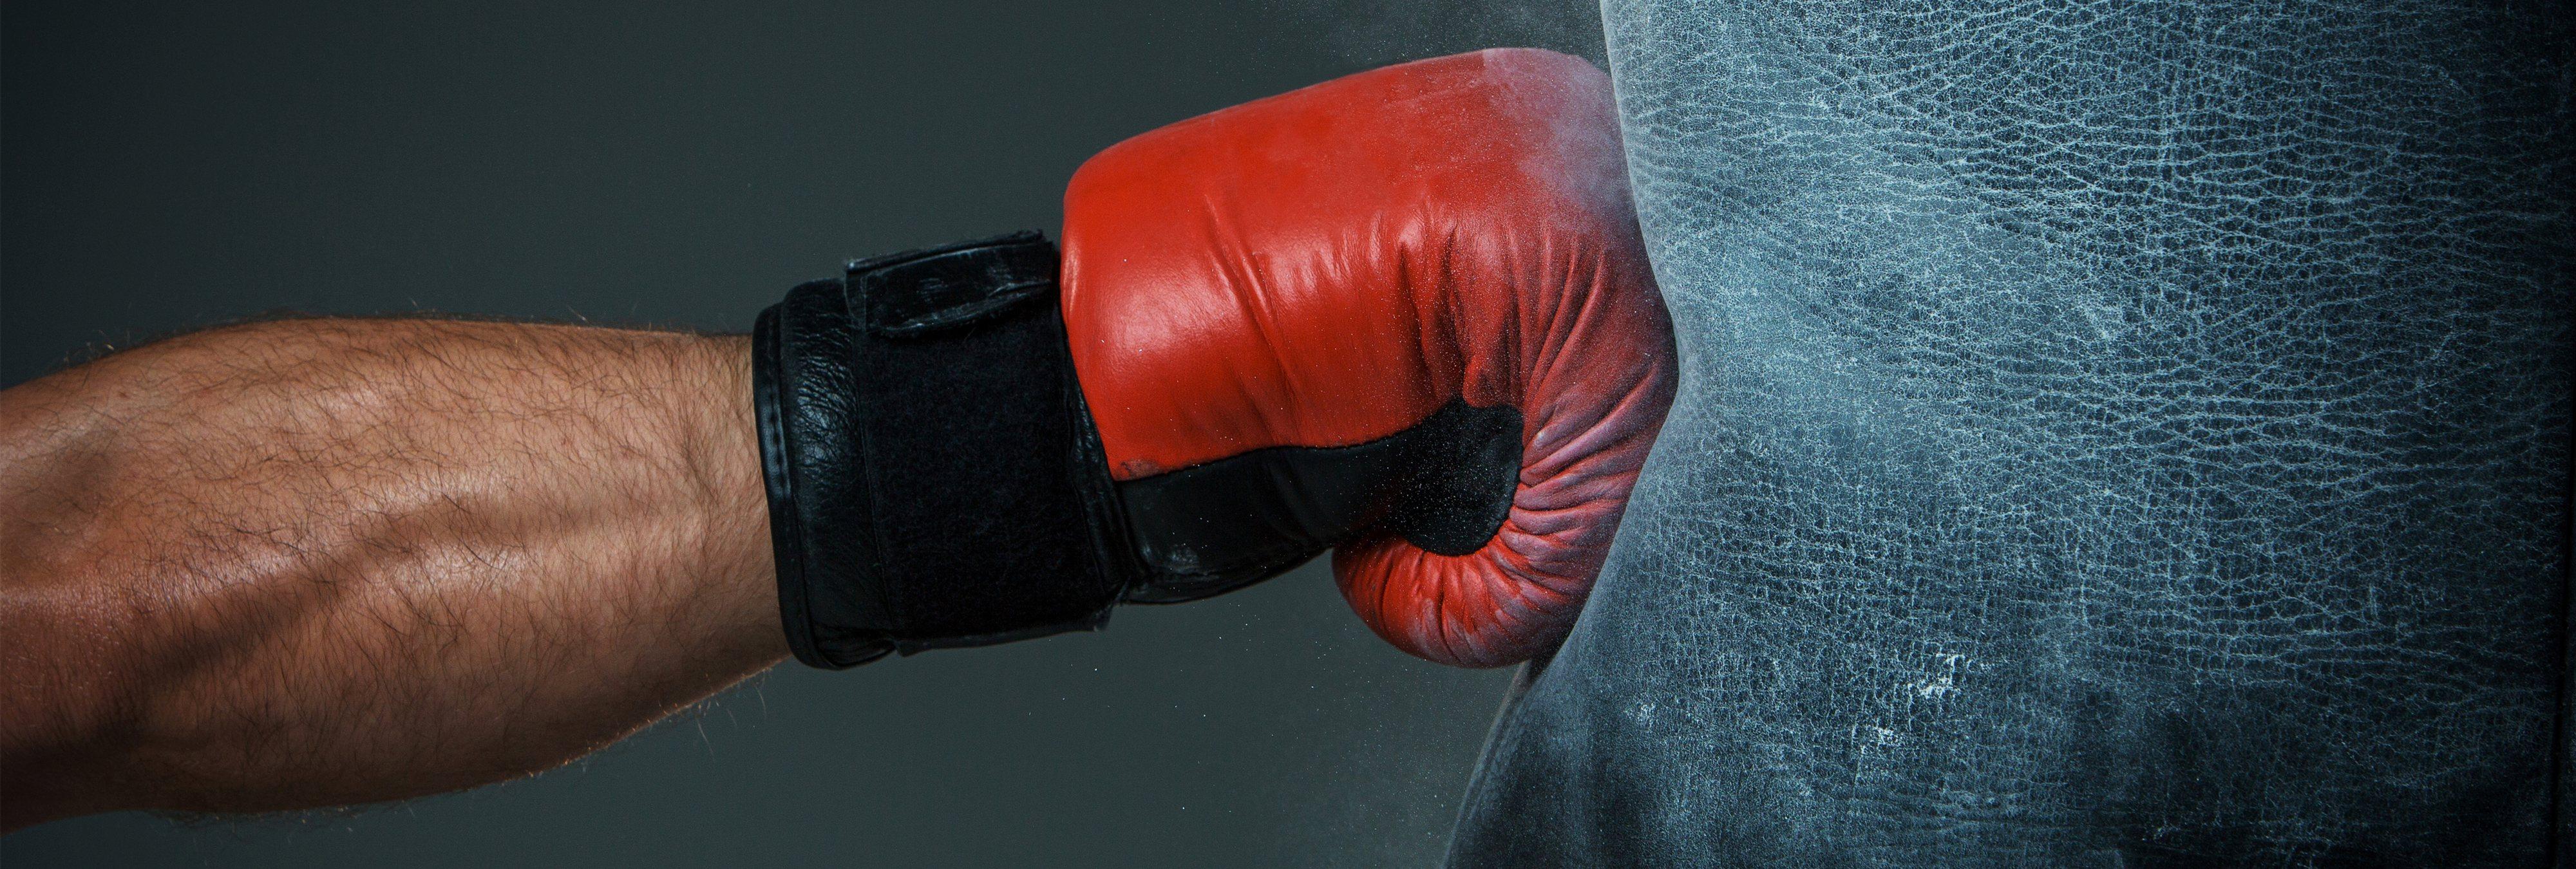 Instalan en las calles de Nueva York sacos de boxeo para descargar la ira